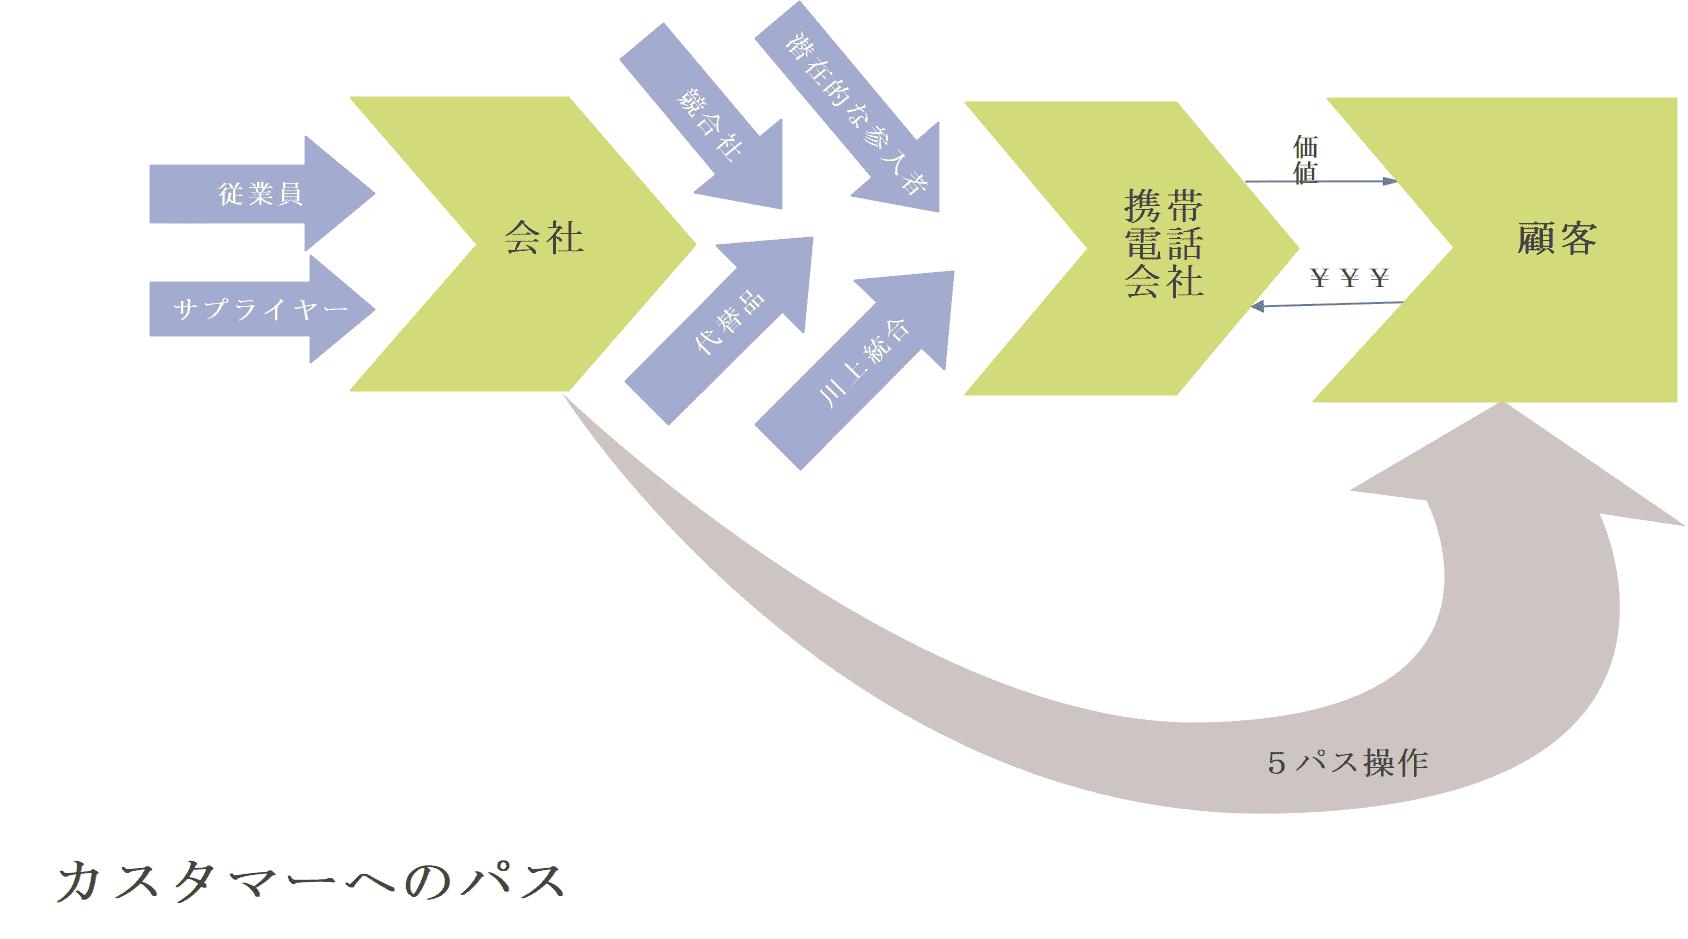 バリューチェーン分析 商社